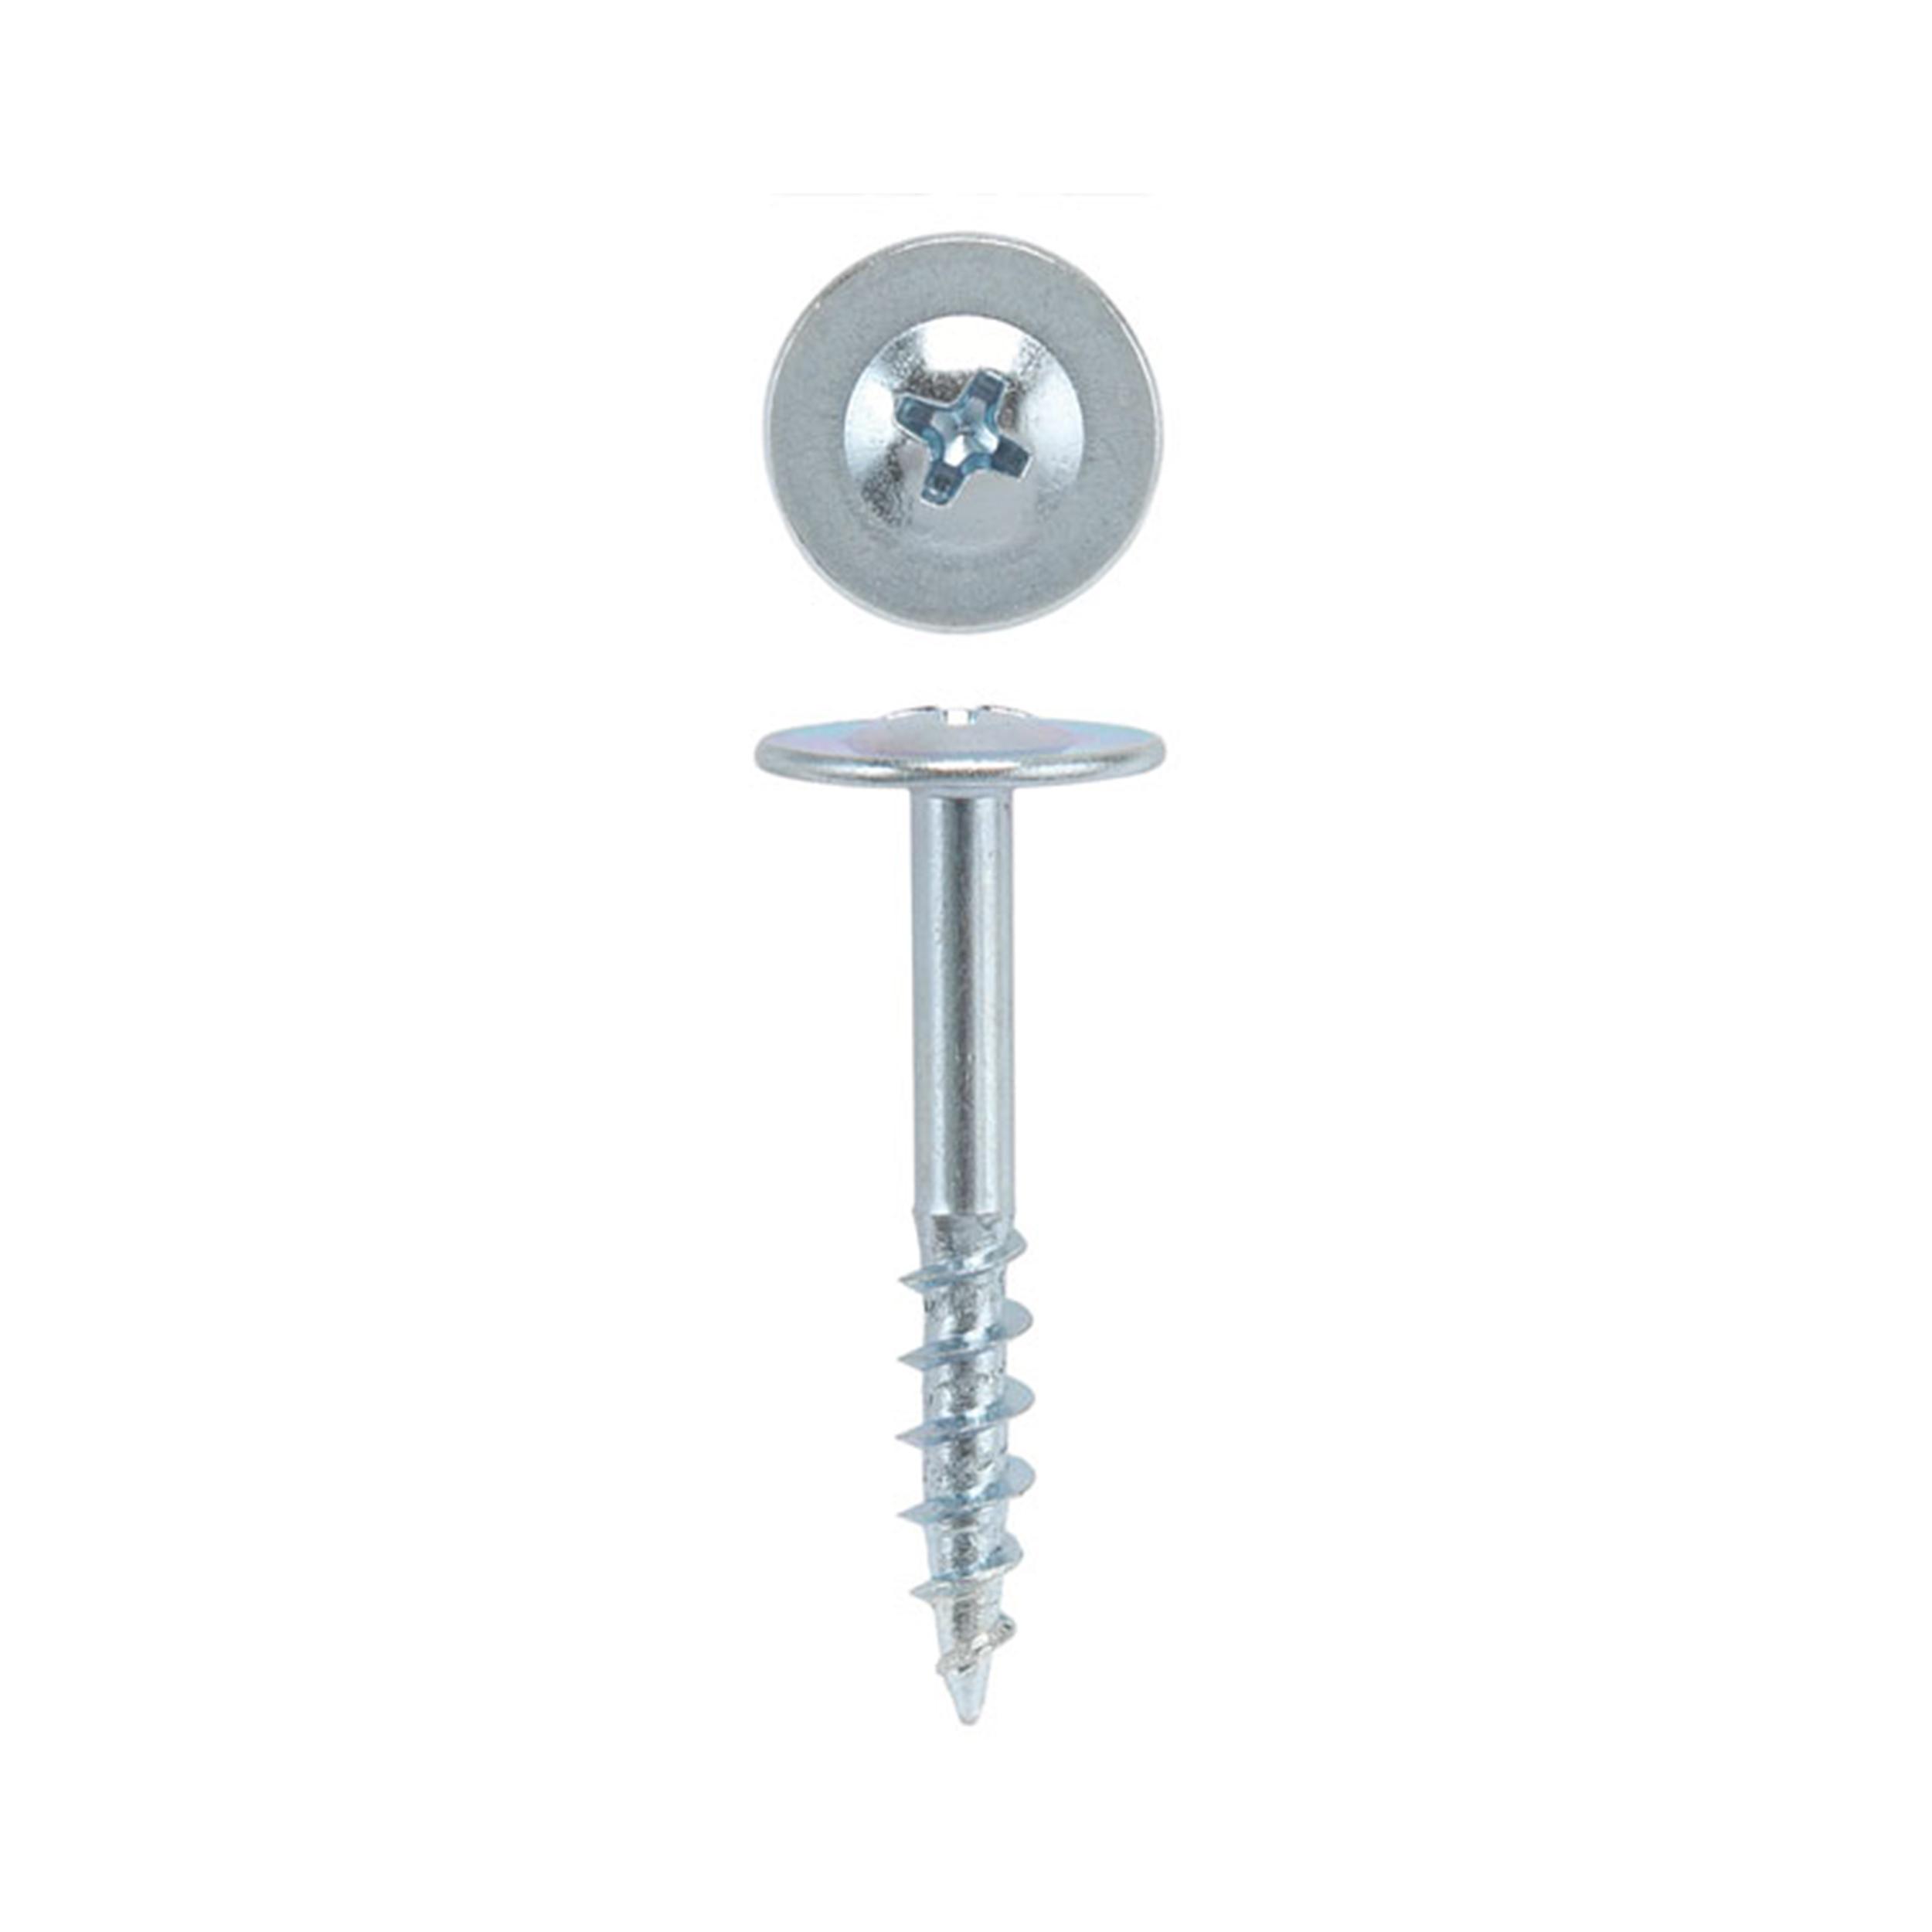 8 x 1-1/4 Drawer Front Adjusting Screws, Round Washer Head, Phillips Drive, Zinc, 100-Piece